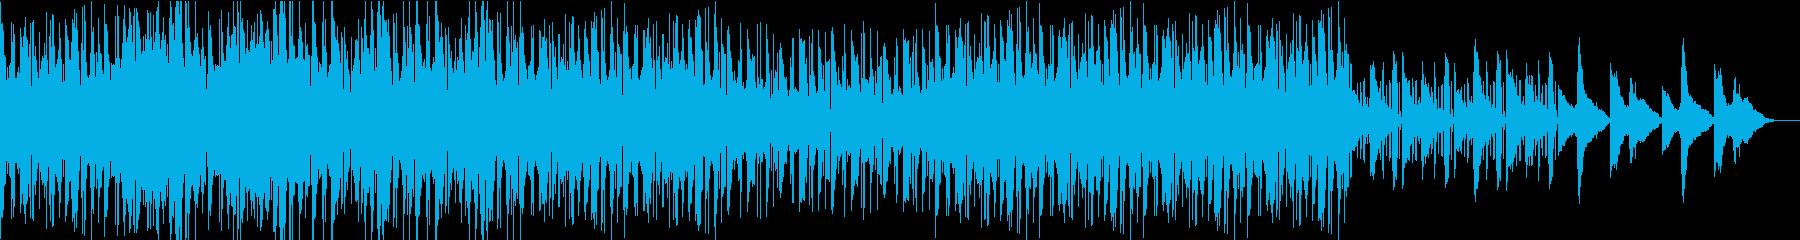 ボイパに乗るオシャレでジャジーなBGMの再生済みの波形